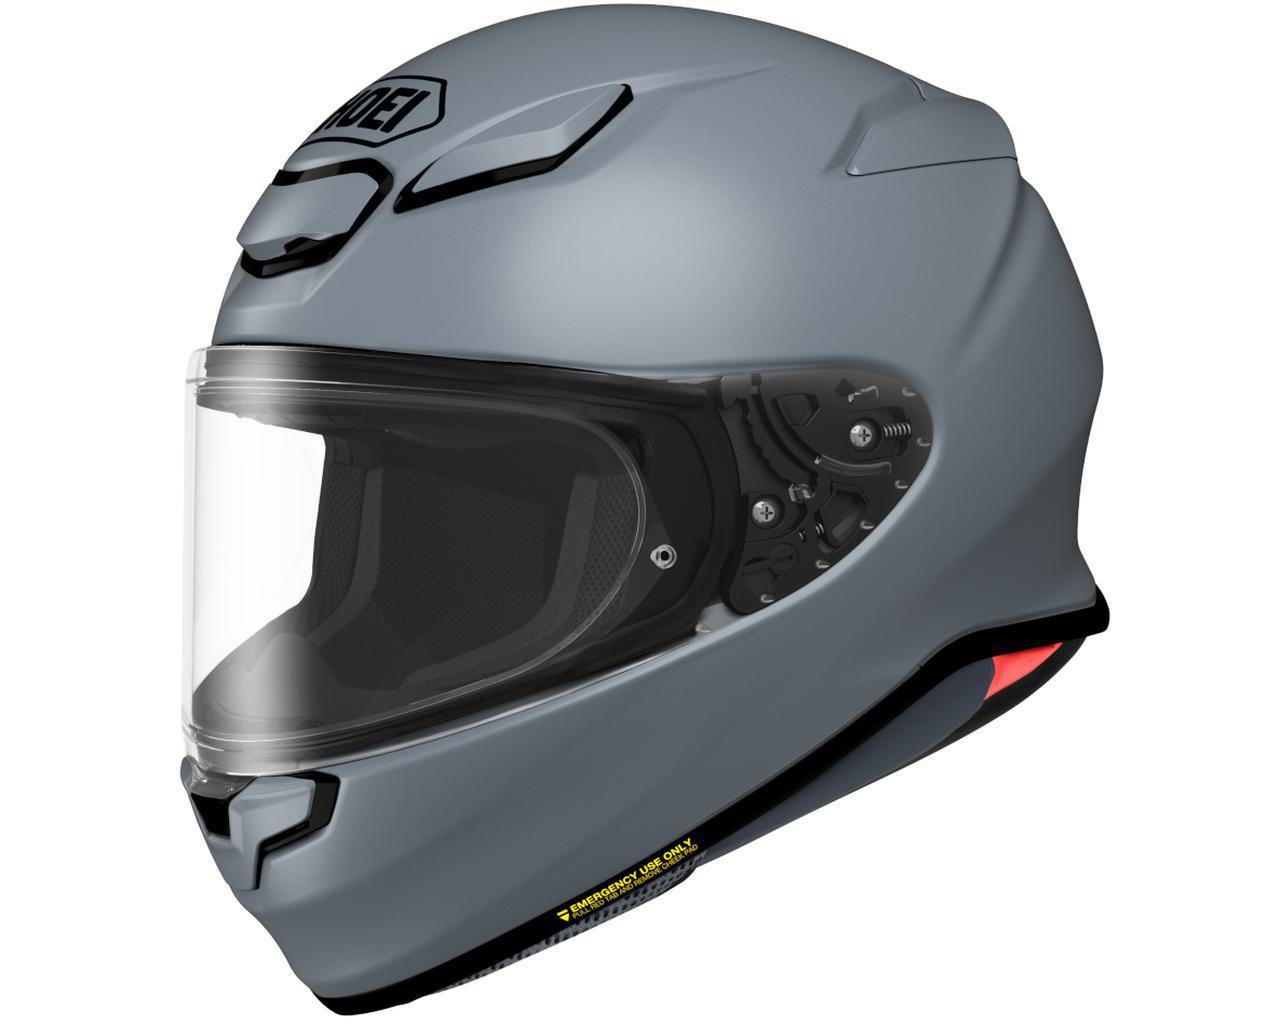 画像: SHOEI 2021年の新製品「Z-8」情報 - webオートバイ